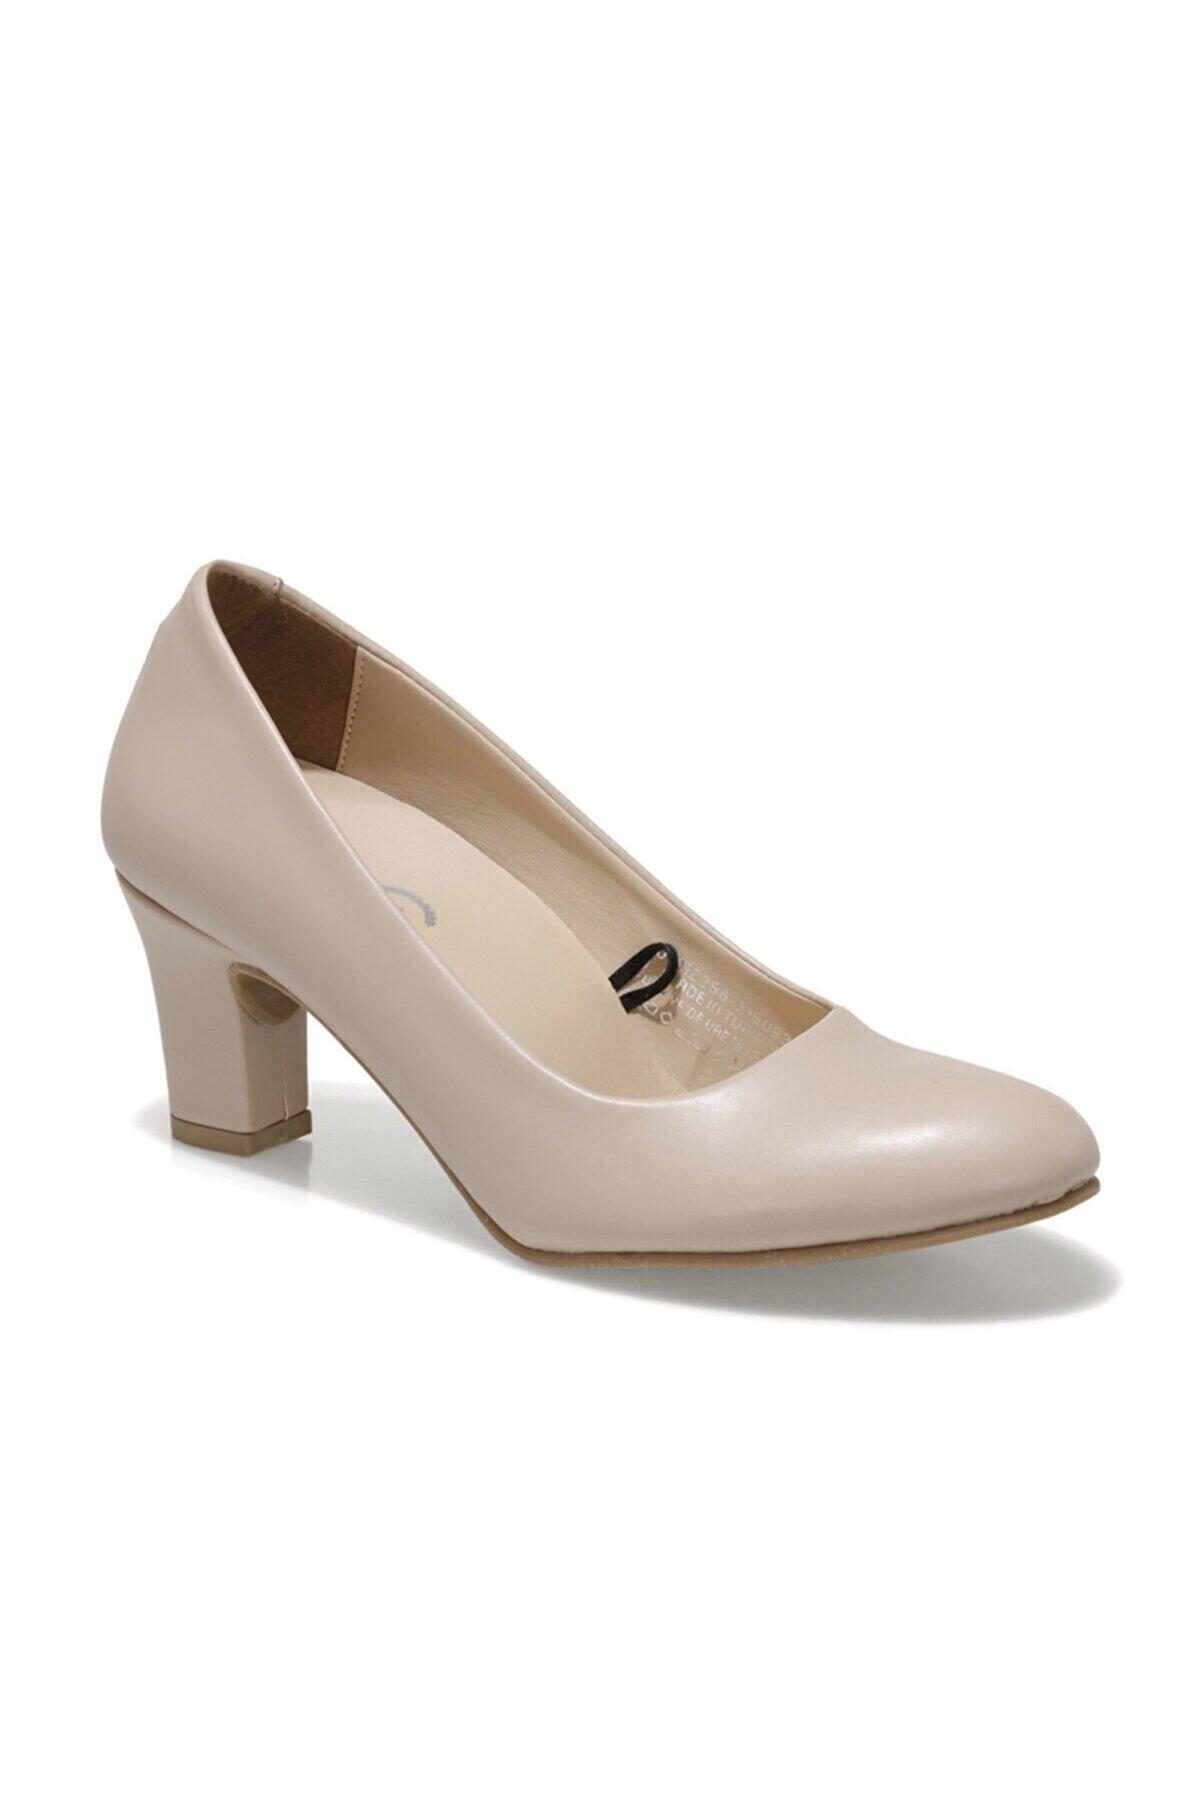 Polaris 316083.Z 1FX Bej Kadın Gova Ayakkabı 101012288